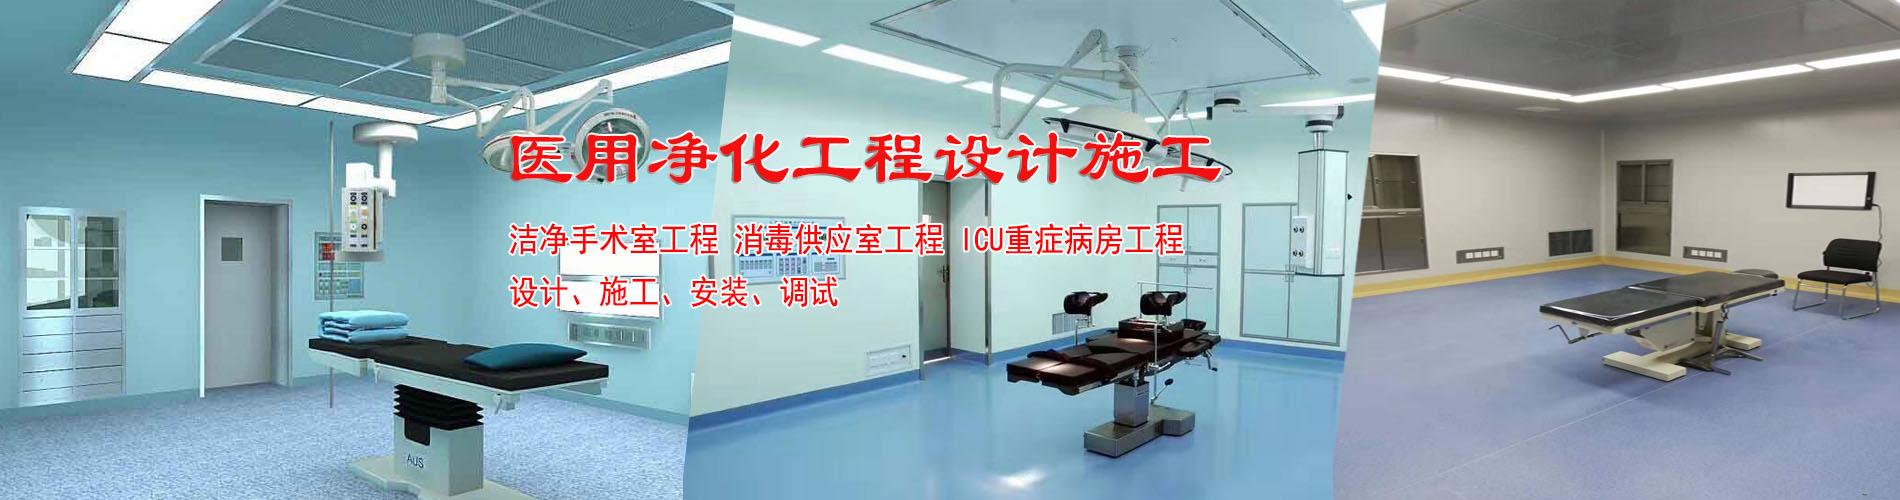 河北洁净手术室、消毒供应室、ICU病房、医用净化工程设计施工